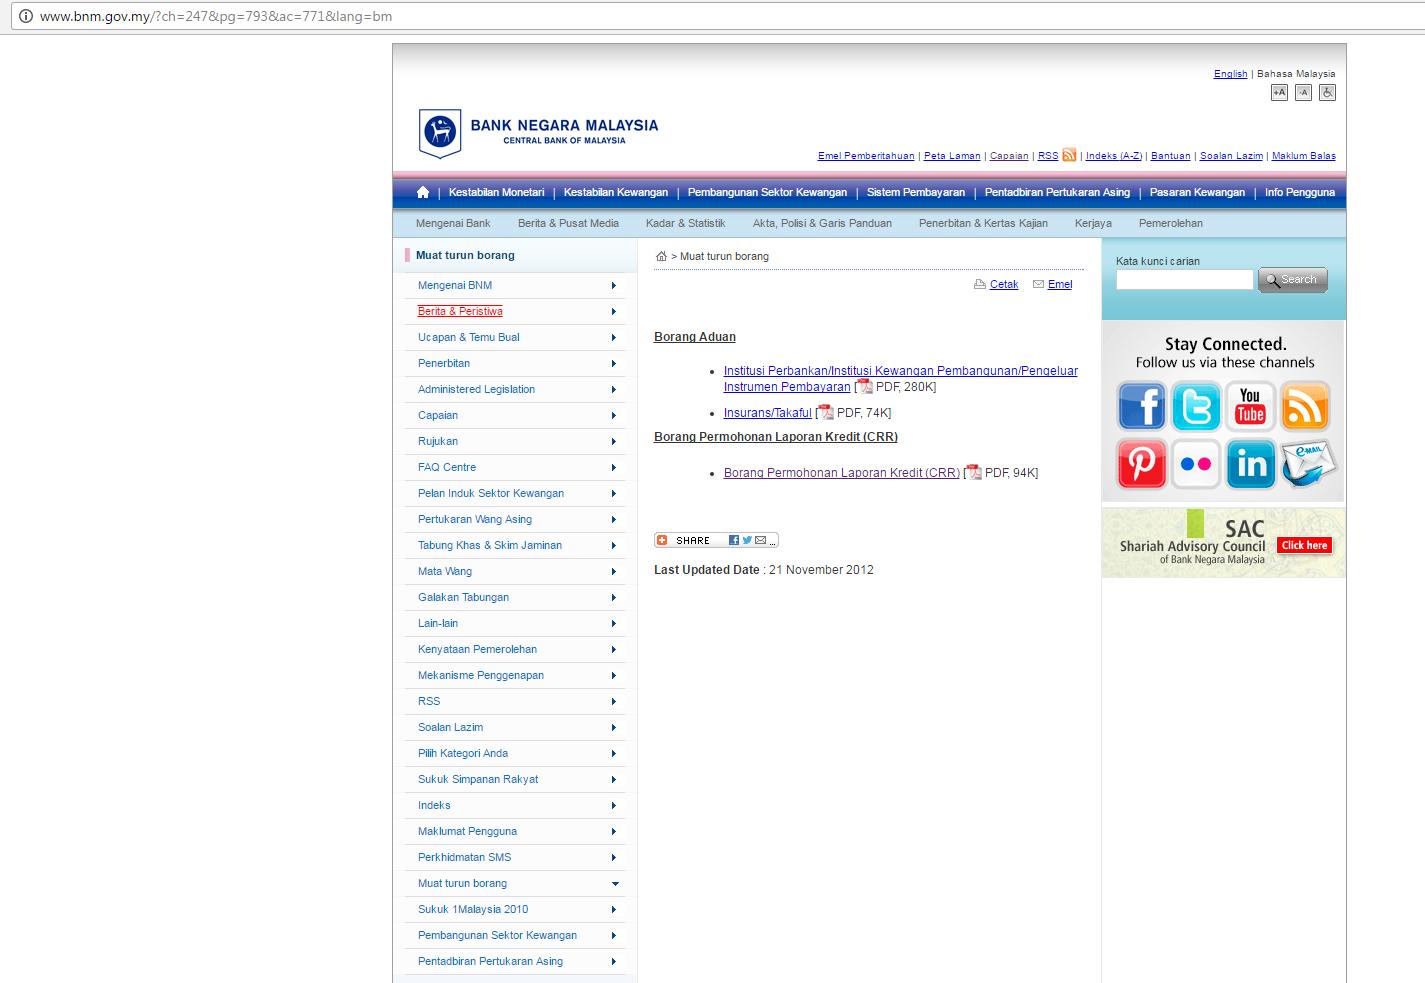 Diari Penjual Aiskrim Cara Mendapatkan Laporan Ccris Dari Bank Negara Secara Online